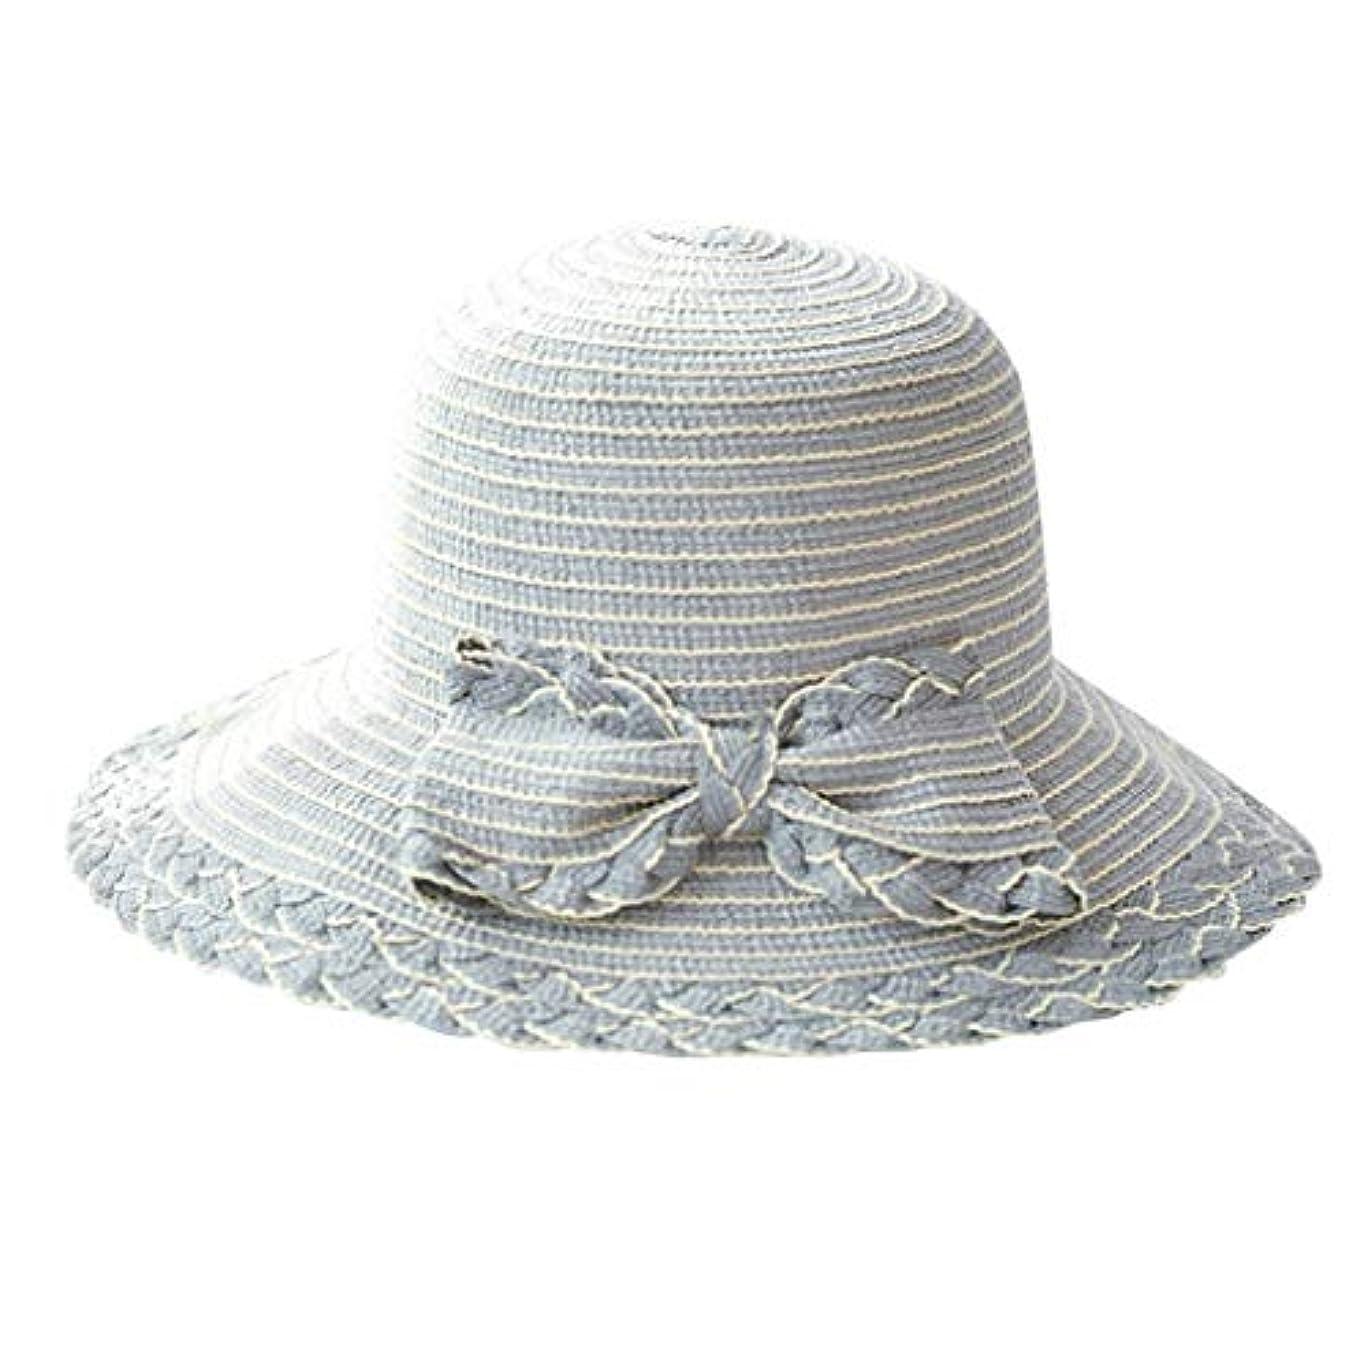 乳製品真っ逆さま似ている夏 帽子 レディース UVカット 帽子 ハット レディース 日よけ 夏季 女優帽 日よけ 日焼け 折りたたみ 持ち運び つば広 吸汗通気 ハット レディース 紫外線対策 小顔効果 ワイヤー入る ハット ROSE ROMAN